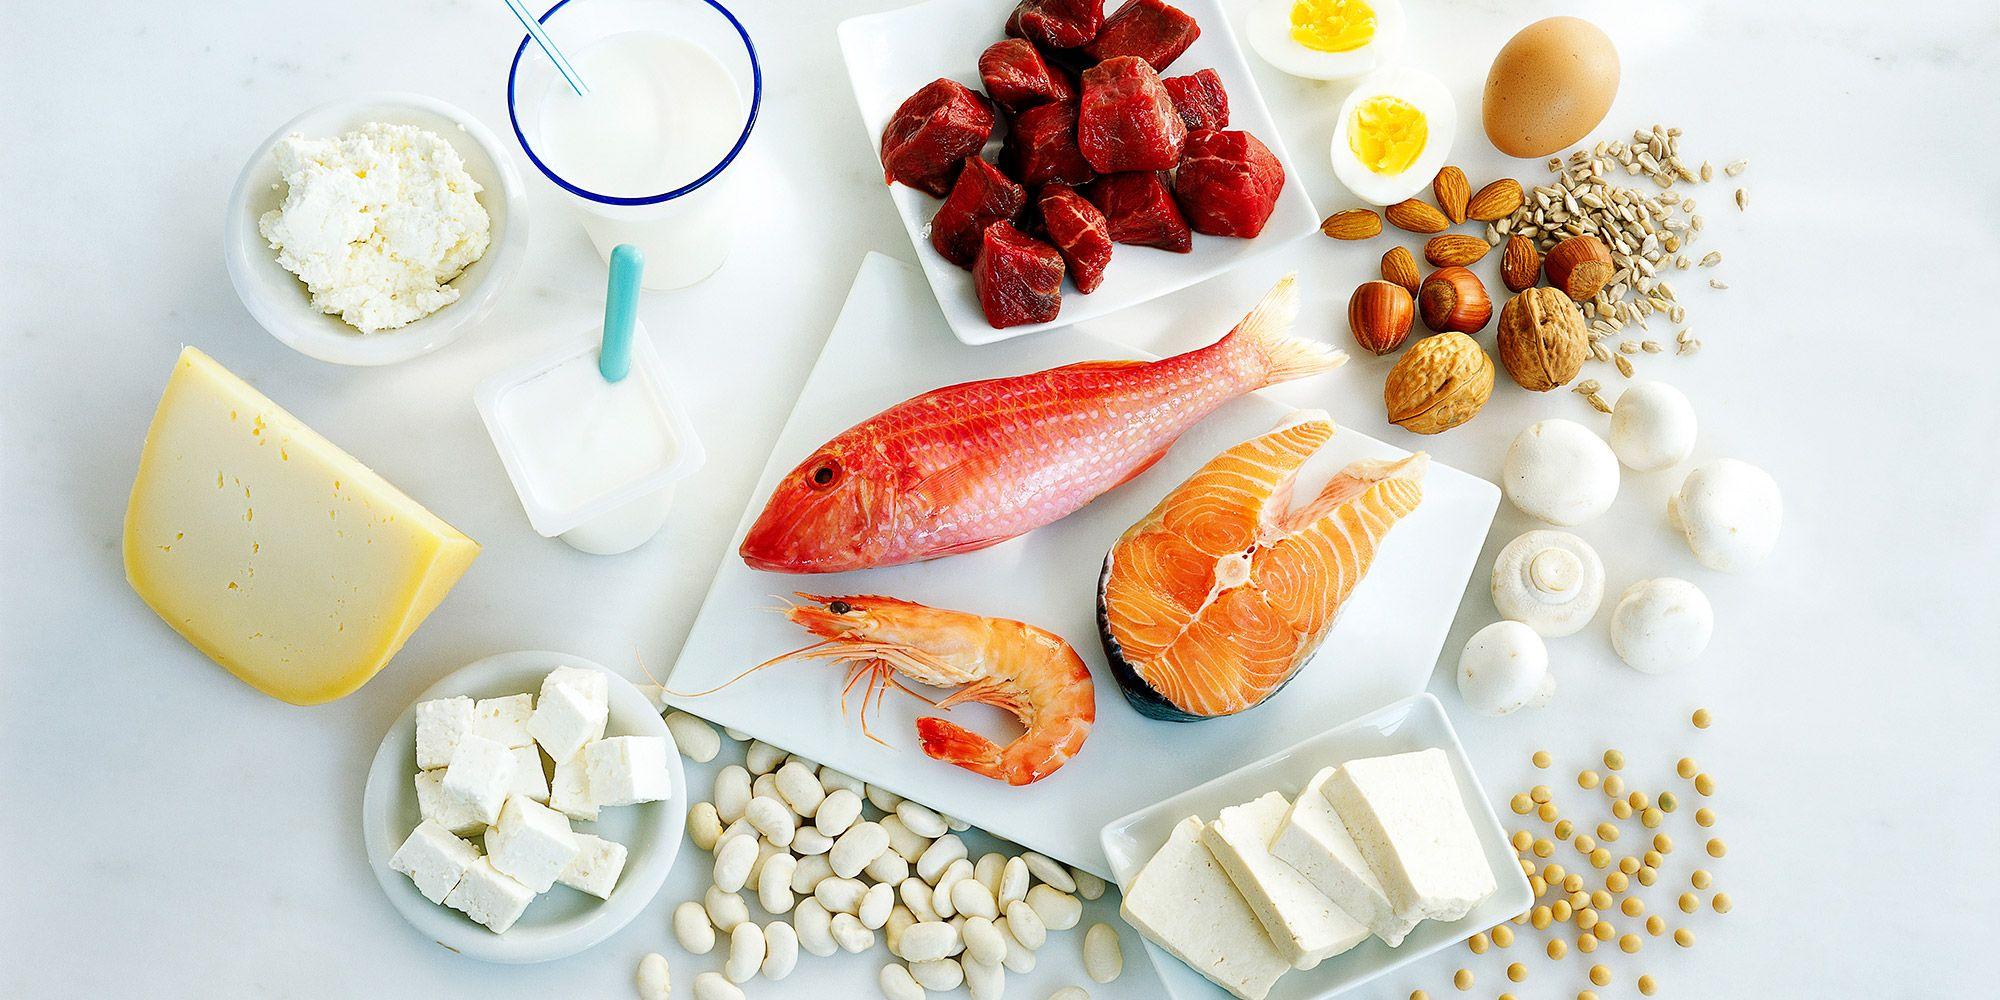 Dieta proteínas